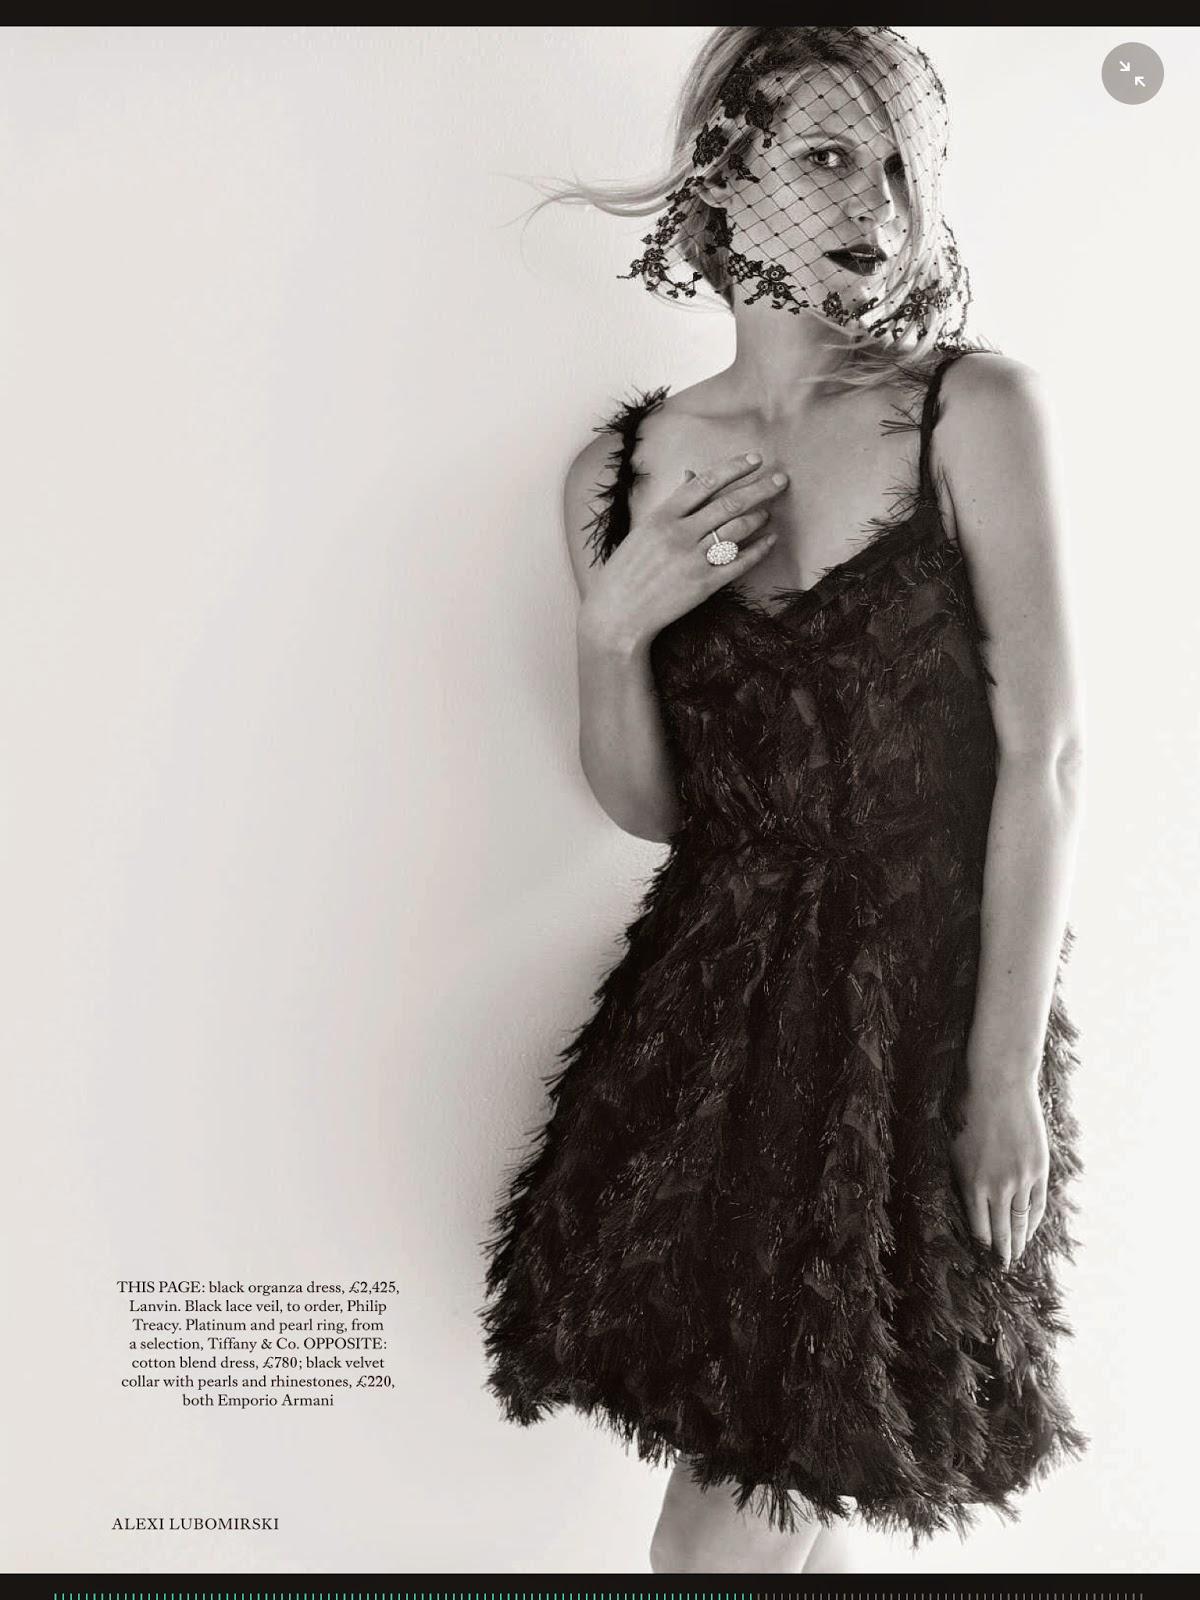 صور كلير دينس على غلاف مجلة هاربر بازار بريطانيا أكتوبر 2014